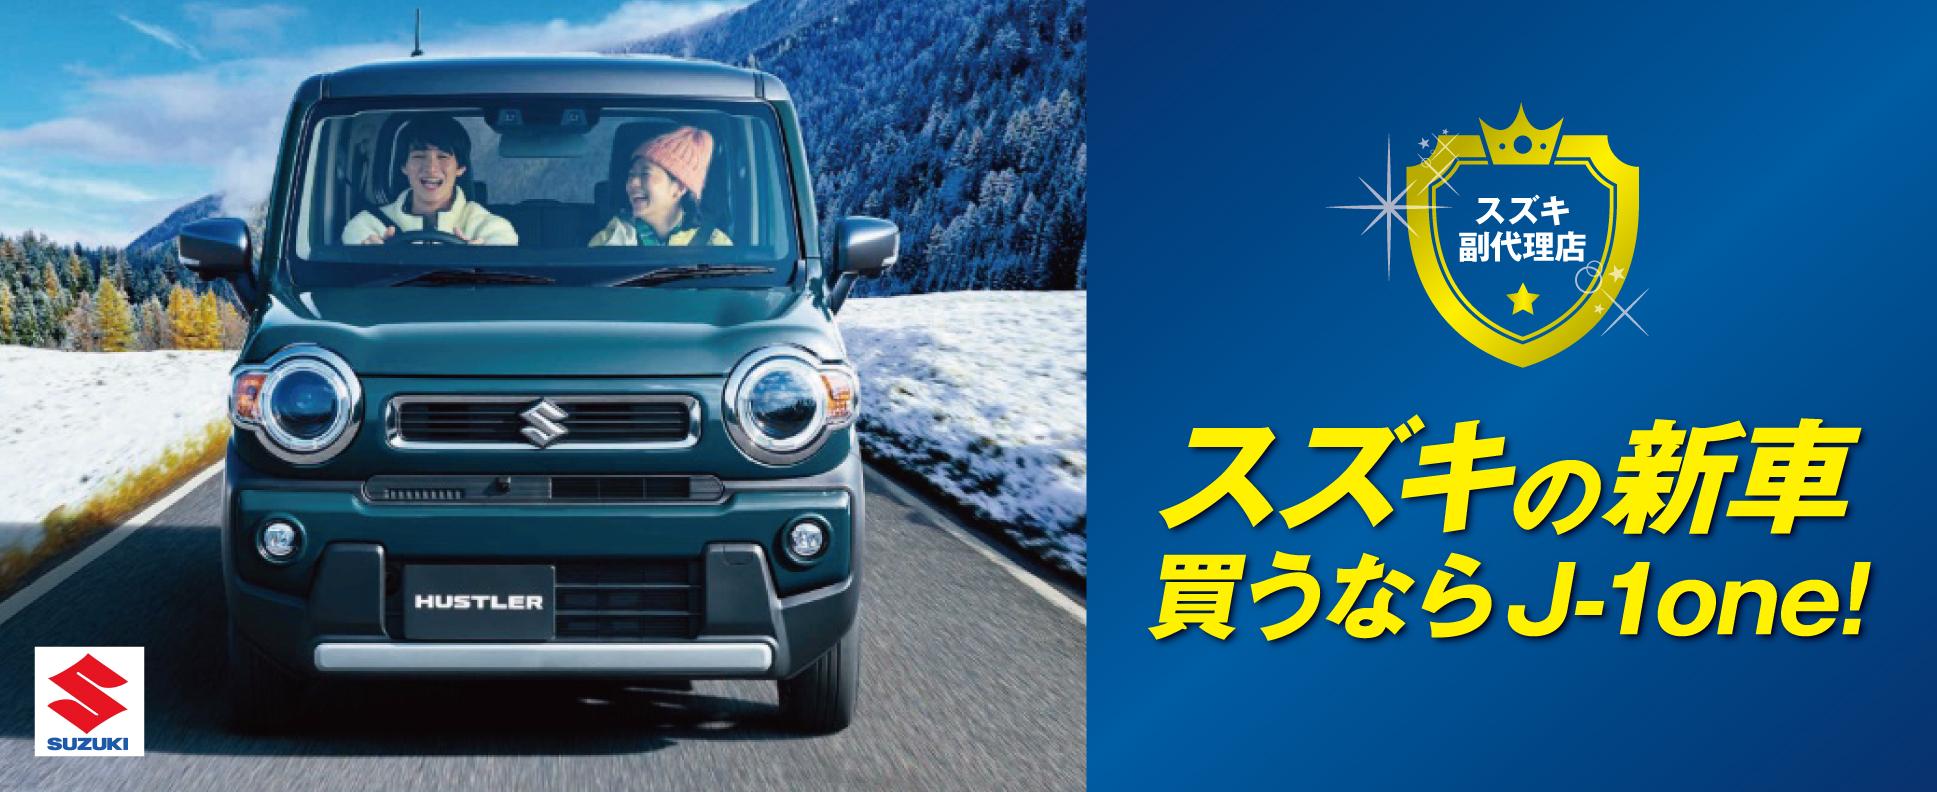 スズキの新車買うなら函館の新車販売、中古車販売 株式会社サトウ自動車函館 J-1one